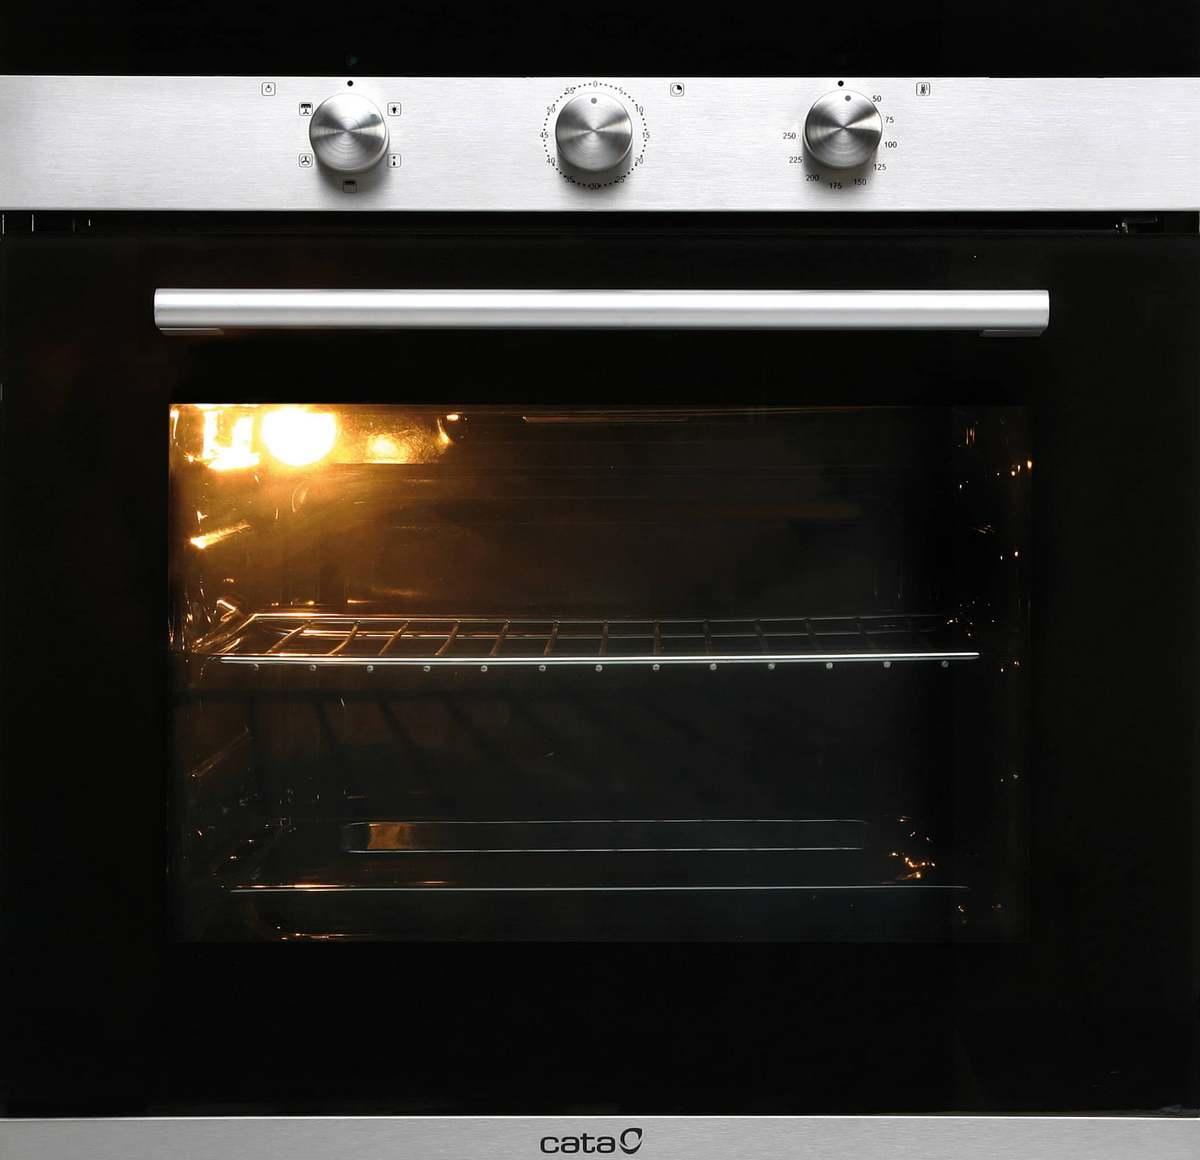 Разогреваем духовой шкаф до 180 градусов, застилаем противень пергаментной бумагой, смазанной сливочным маслом, выкладываем заготовки булочек и отправляем в духовку